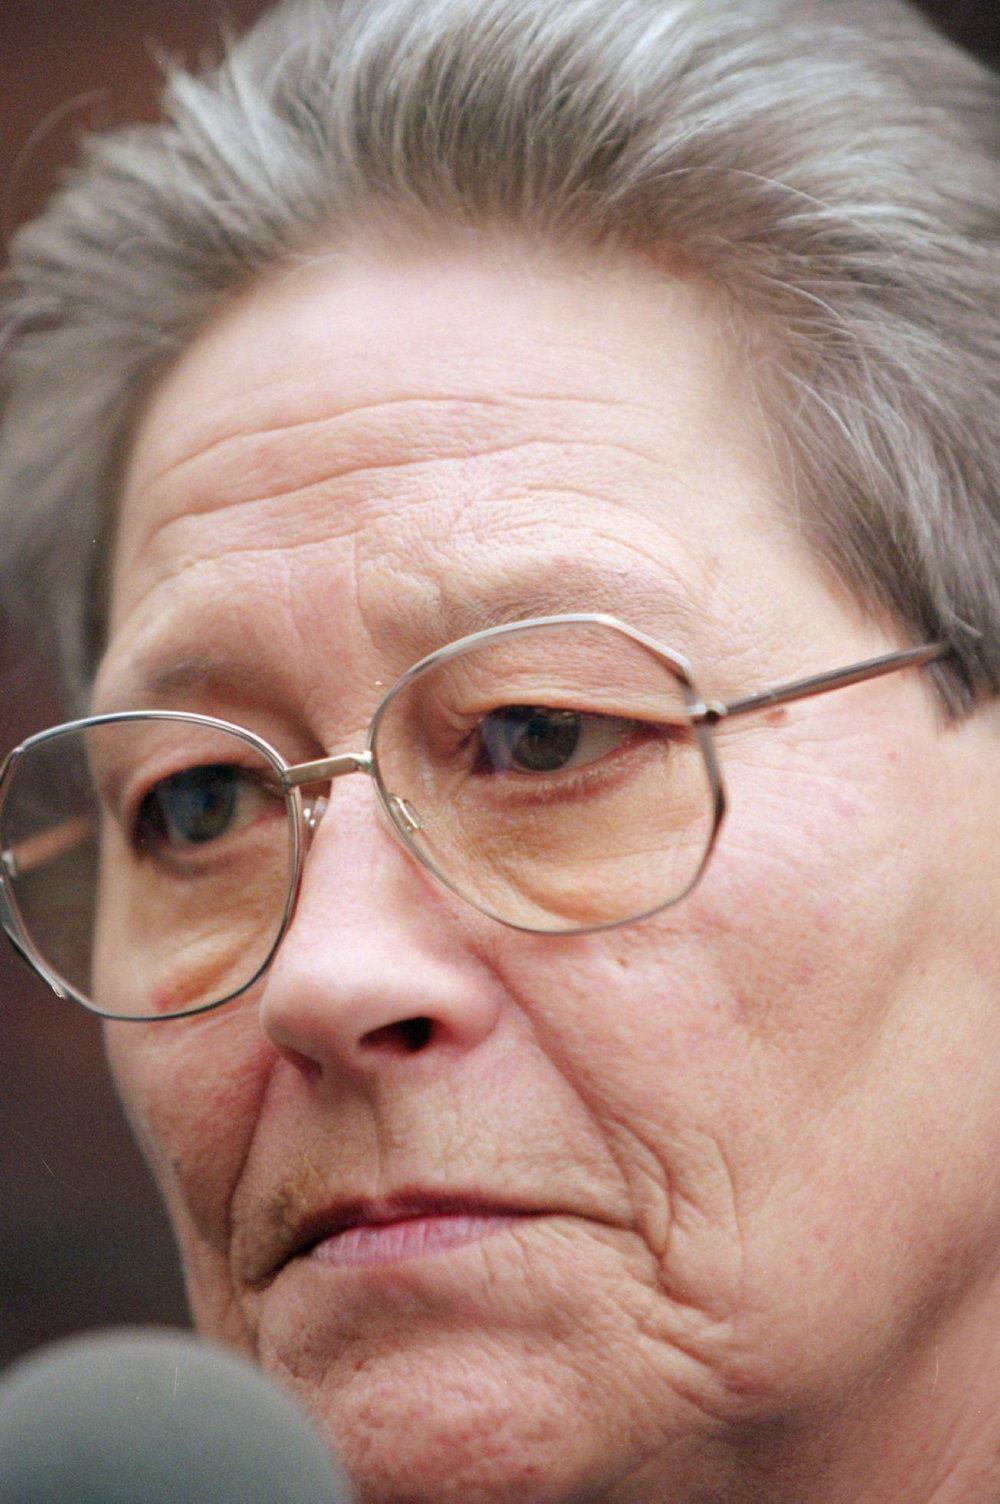 nærbillede af kirsten stallknecht iført briller